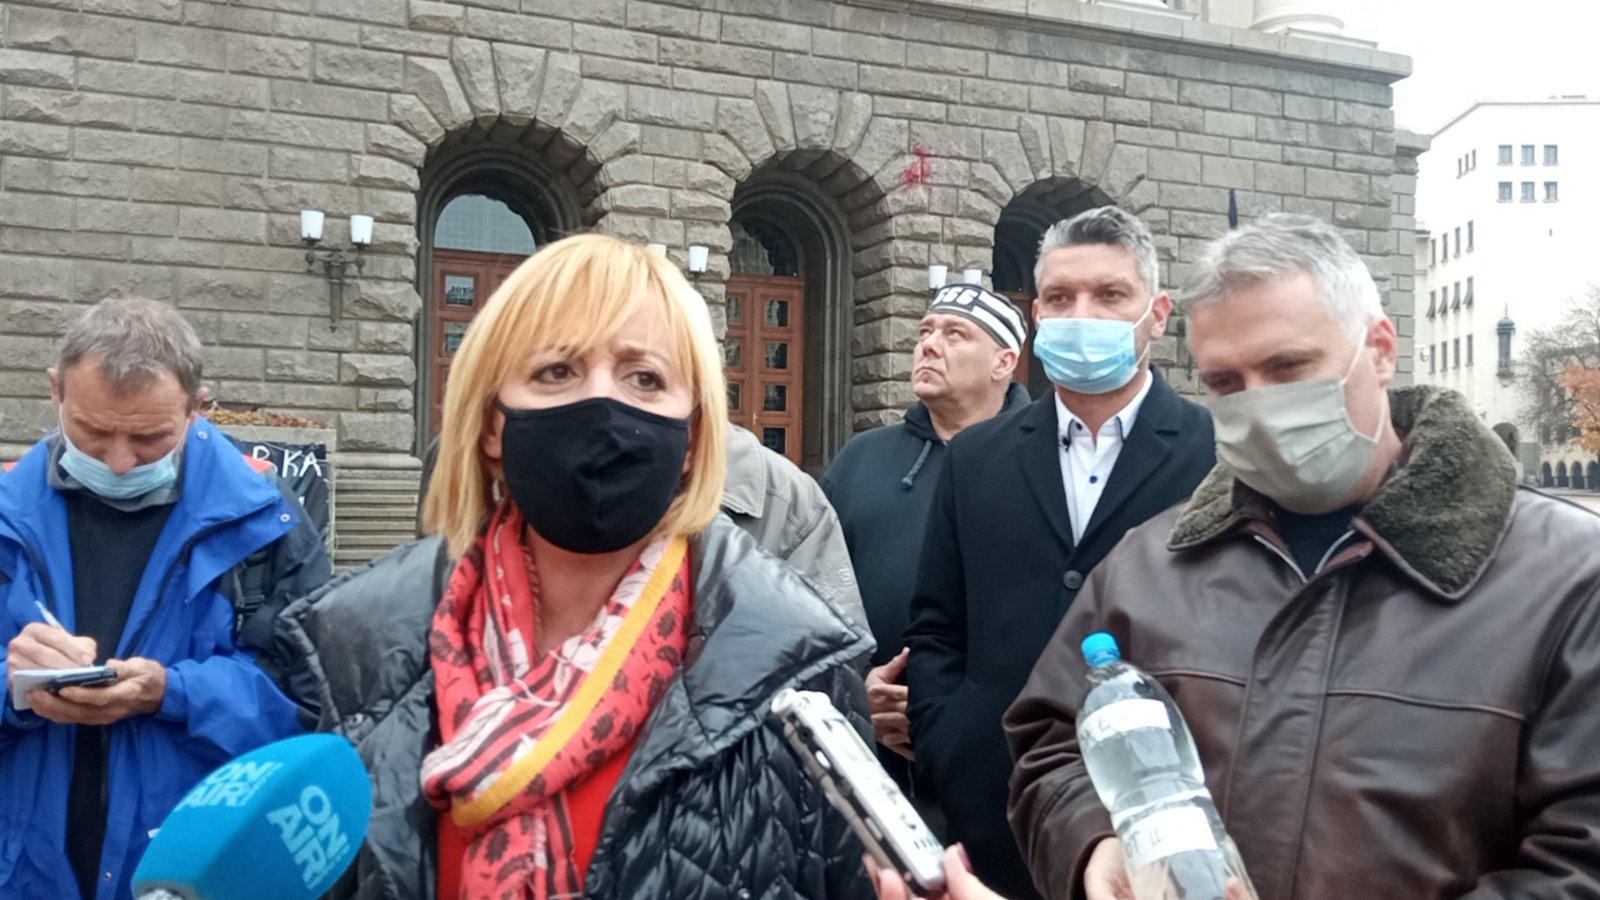 """Манолова и Йордан Йорданов от Шумен оставиха пред Министерски съвет за Бойко Борисов бутилка с мътна питейна шуменска вода, която жителите на града отдавна не използват за пиене Борисов незабавно да разпореди на регионалния министър да оттегли новия Закон за ВиК и да уволни всички, които са участвали в подготовката на този проект на закон. Освен, че е юридически неграмотен, той нарушава правата на българските граждани и е срещу тях. Това заяви председателят на Гражданската платформа """"Изправи се.БГ"""" Мая Манолова пред медиите в София днес по повод новия Закон за ВиК, с който цената на водата ще се увеличи. Според Манолова този закон е опасен за българските граждани, защото нарушава техните потребителски права и ще доведе до поскъпване на водата и национализиране на общинските ВиК-дружества. С този закон се въвеждат три такси за достъп до вода. Те наподобяват сградната инсталация при """"Топлофикация"""" – дори и да не се използва услугата, ще се плаща достъп до питейна вода, канализация и за пречиствателна станция, обясни още тя. Манолова допълни, че таксите за достъп няма да са обвързани със социалната поносимост на цената на водата, няма да имат таван и ще се определят както реши властта. В Закона за ВиК липсва и обяснение какво е """"беден потребител"""" и кой ще получава водна помощ, каза още тя. Буди недоумение защо се предвиждат индивидуални договори за промишлените потребители, а за битовите потребители няма. Има договори за Общи условия, но ВиК-дружествата не са длъжни да ги обявяват на сайтовете си и те могат да бъдат тайни. Не е ясно дали в тези Общи условия ще има изискване за качеството на водата, защото в Закона няма предвиден механизъм, ако водата е с лошо качество, да е на по-ниска цена или ако няма вода, да не се плаща такса достъп, обясни още Манолова. Тя подчерта, че се предвижда и създаване на """"нова КЕВР"""" от трима души, която да е само за водата. Тя ще се избира от парламентарното мнозинство и мнозинство от двама души в нея ще решават цената на водата в различн"""